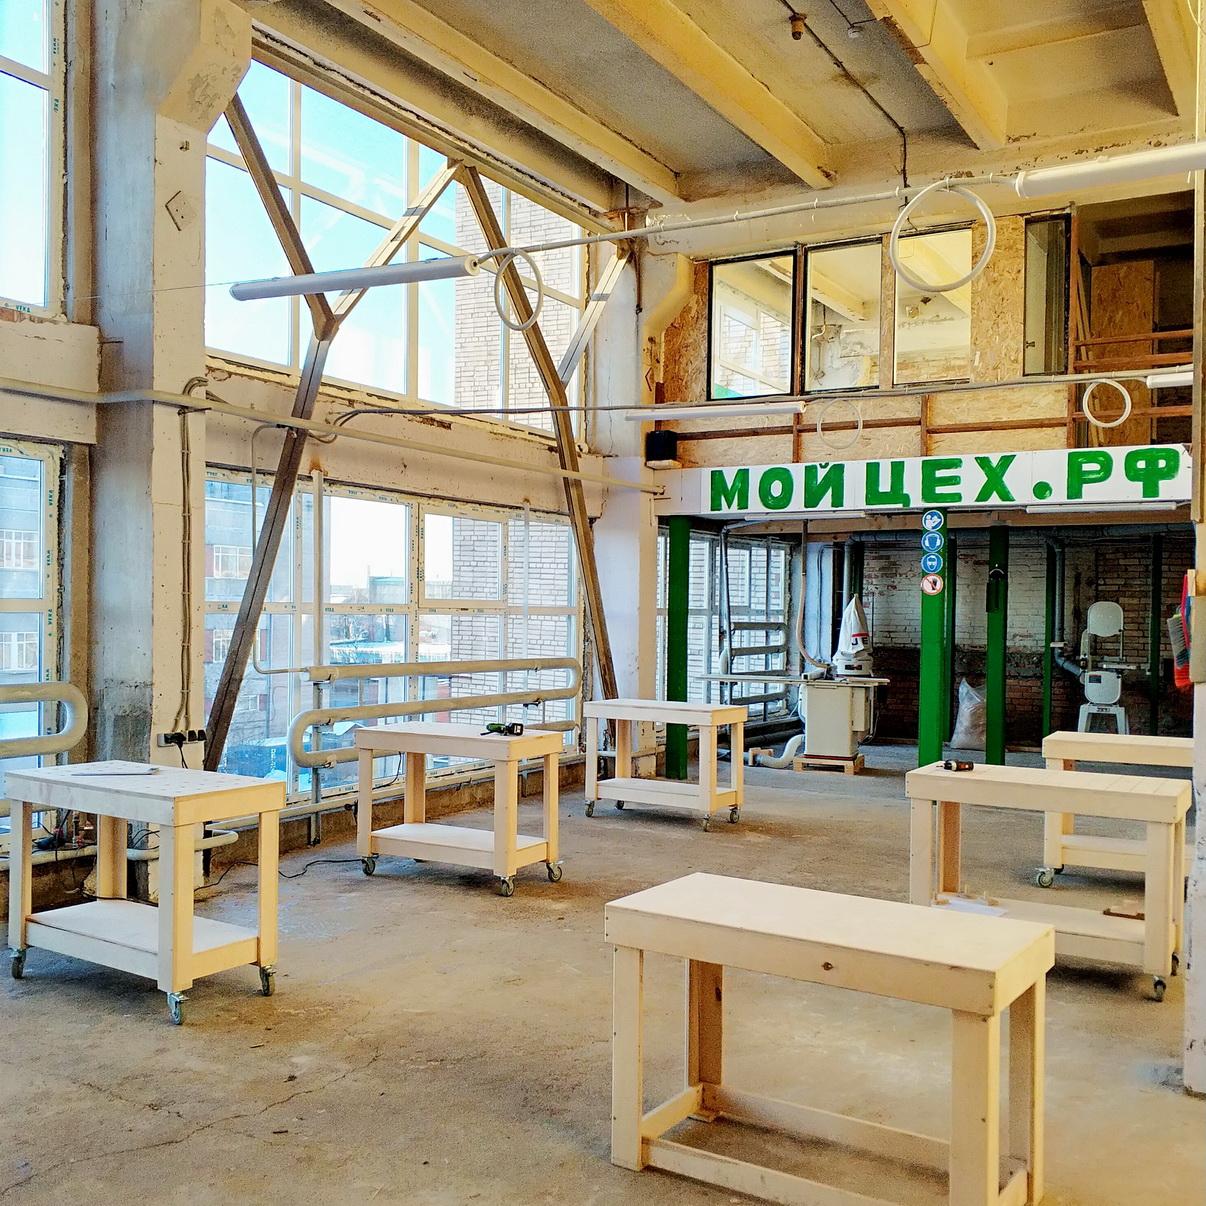 Столярный коворкинг, аренда места в мастерской, мастерская в аренду, аренда инструмента для дерева